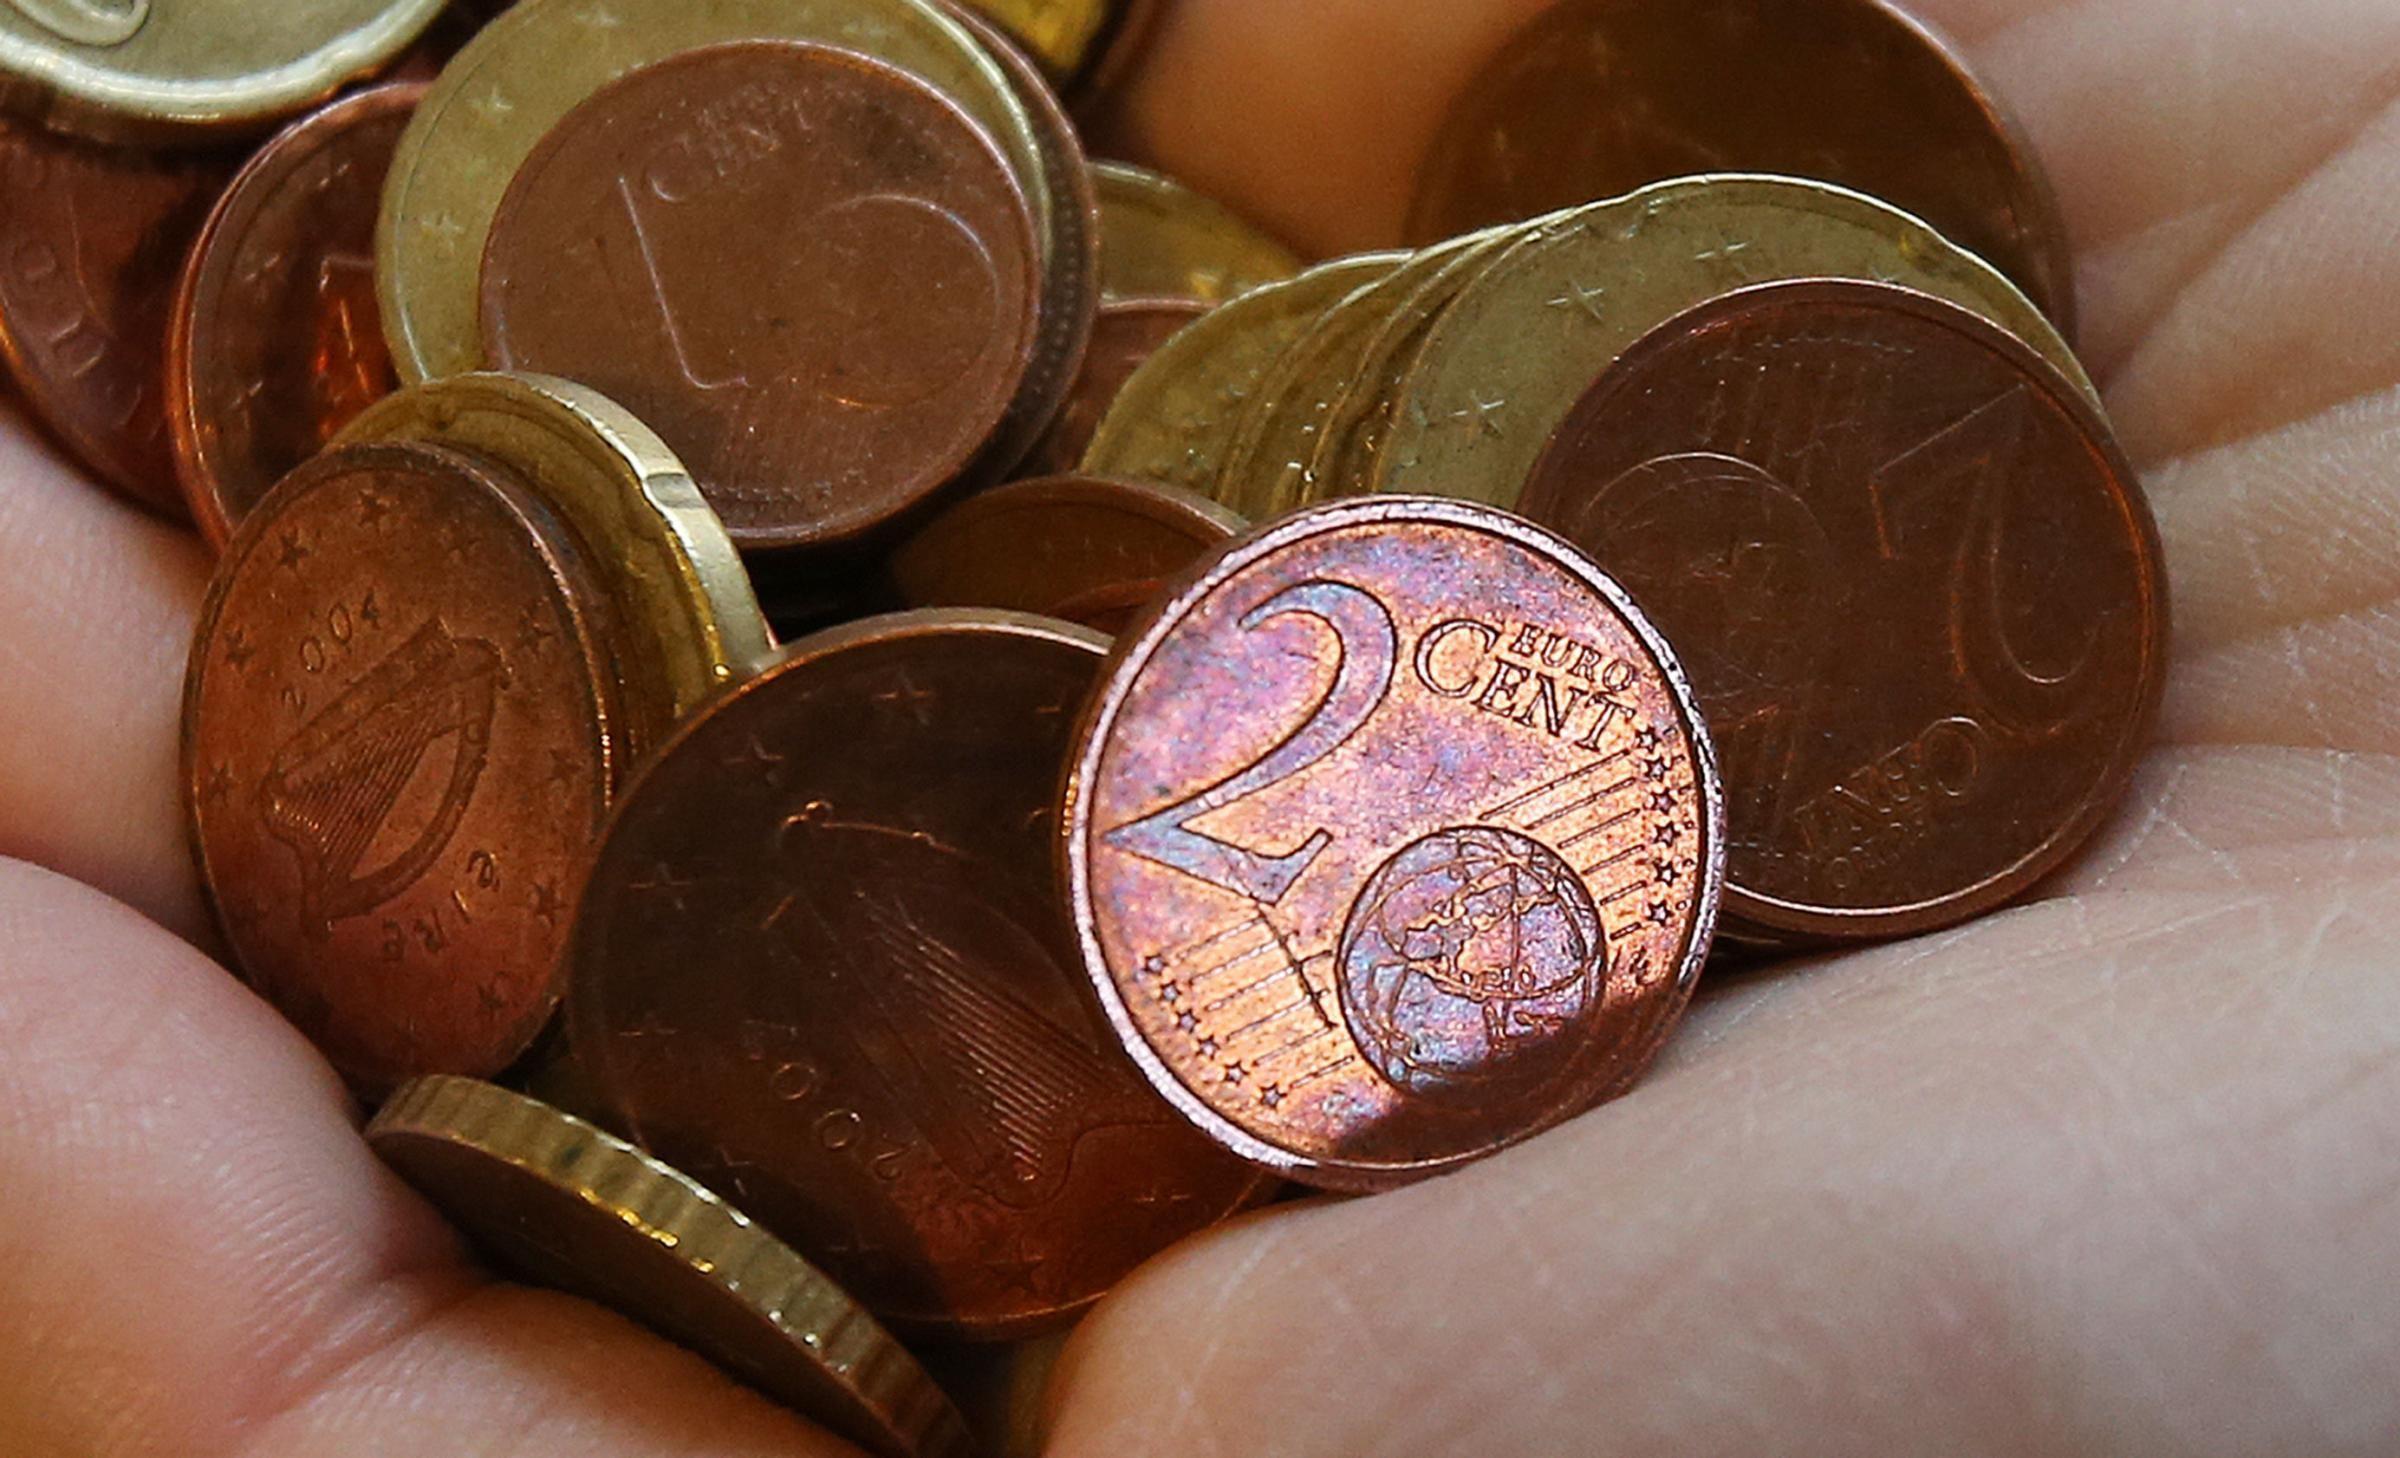 c7dff53ddb Addio alle monete da 1 e 2 centesimi: quanto costerà agli italiani la loro  abolizione